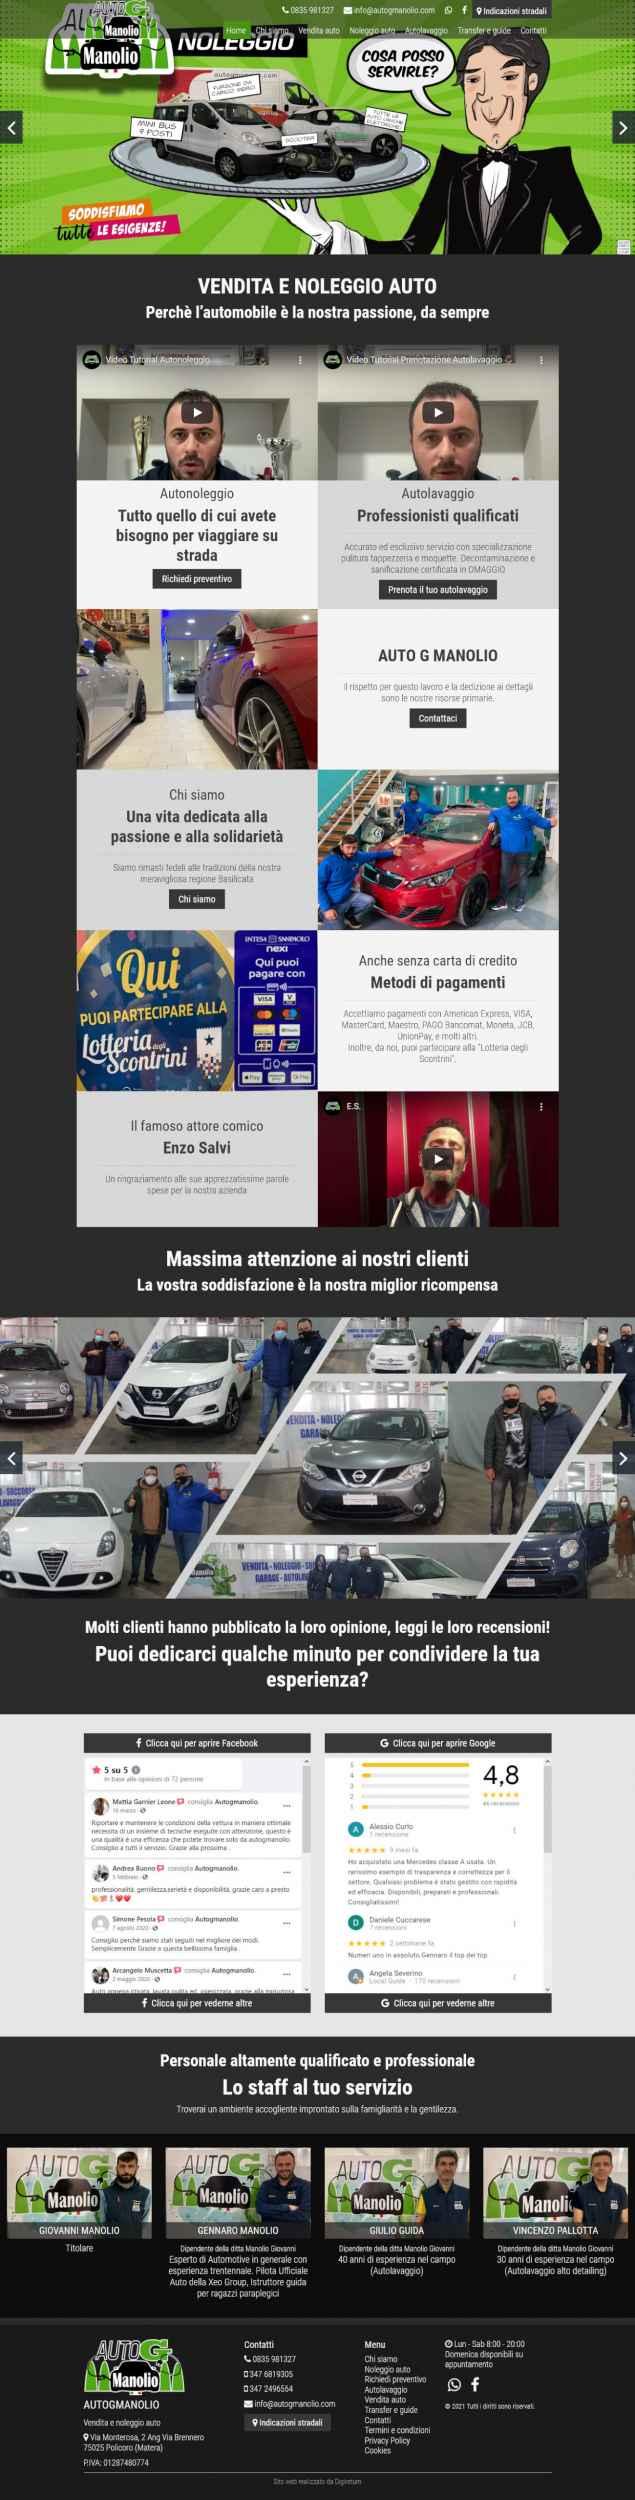 autogmanolio com homepage